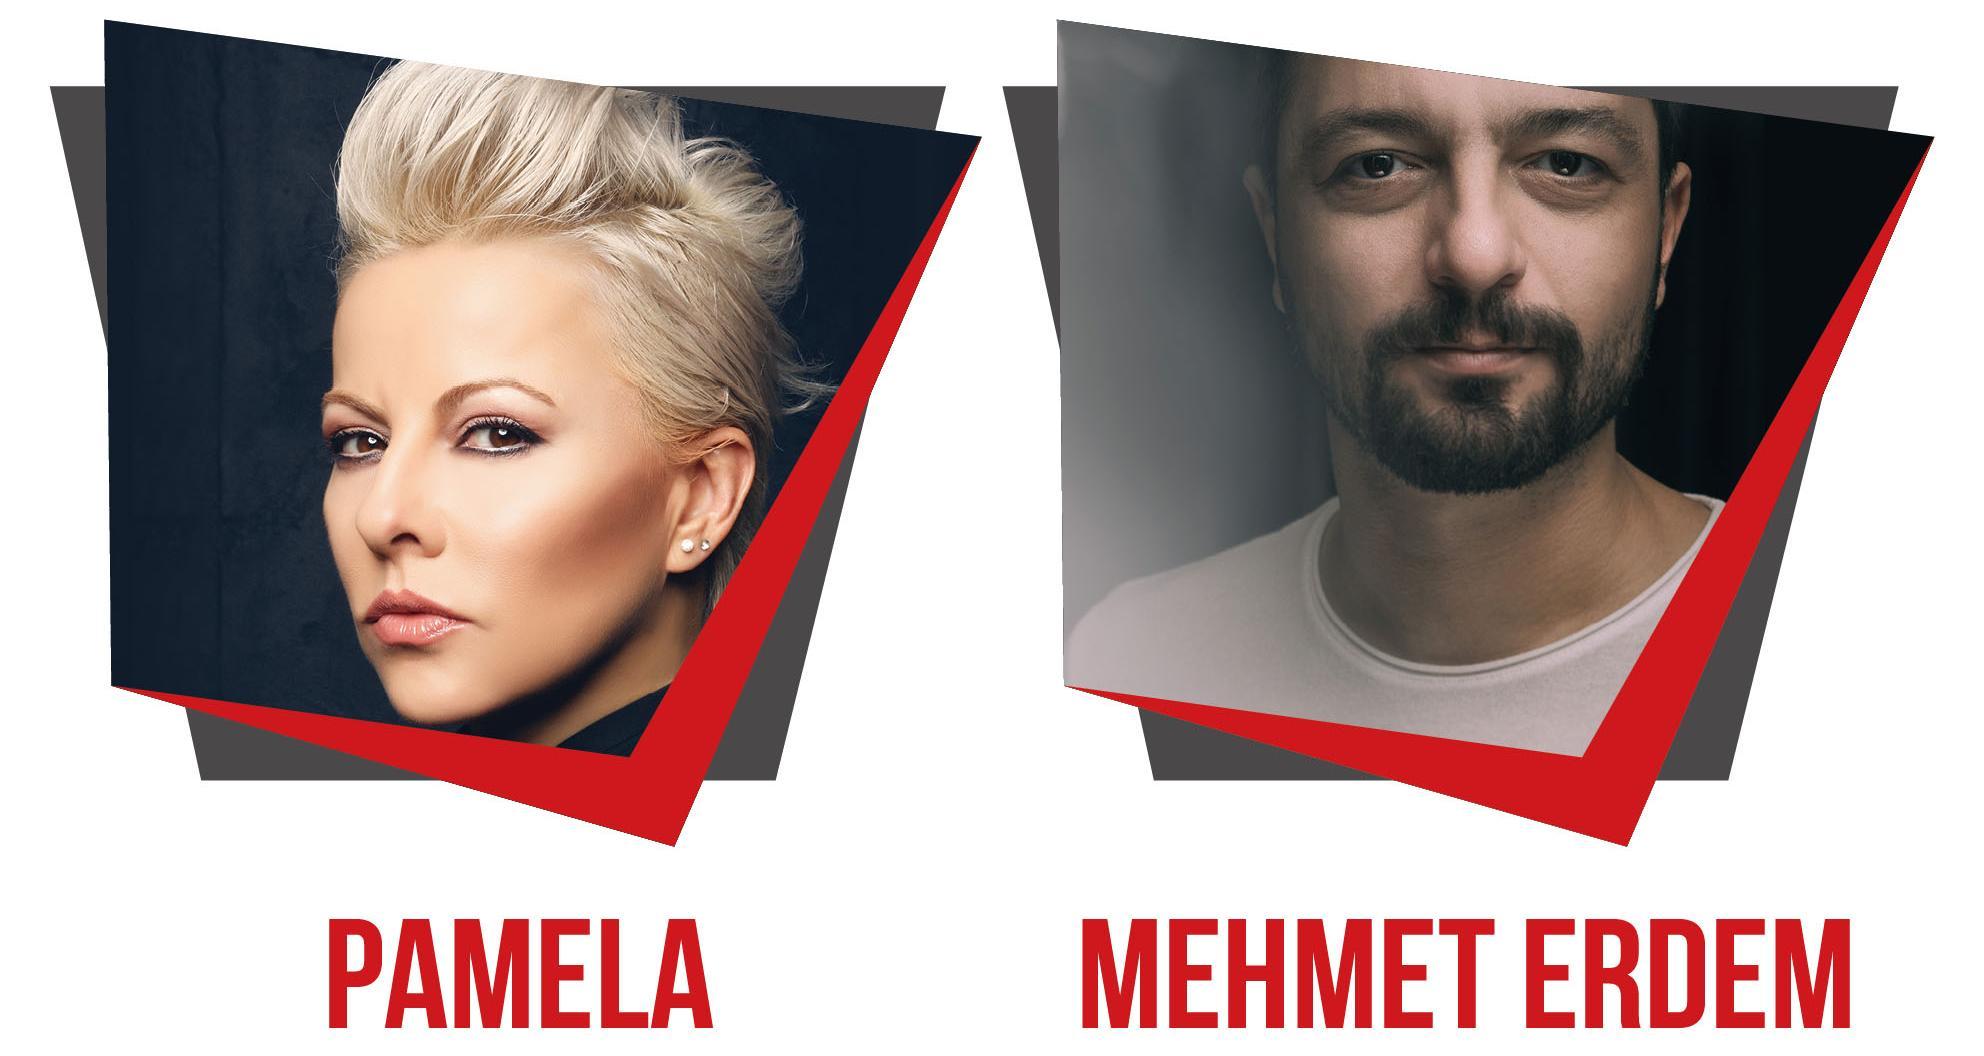 Tepe Nautilus 15. yılını Pamela ve Mehmet Erdem konserleriyle kutluyor